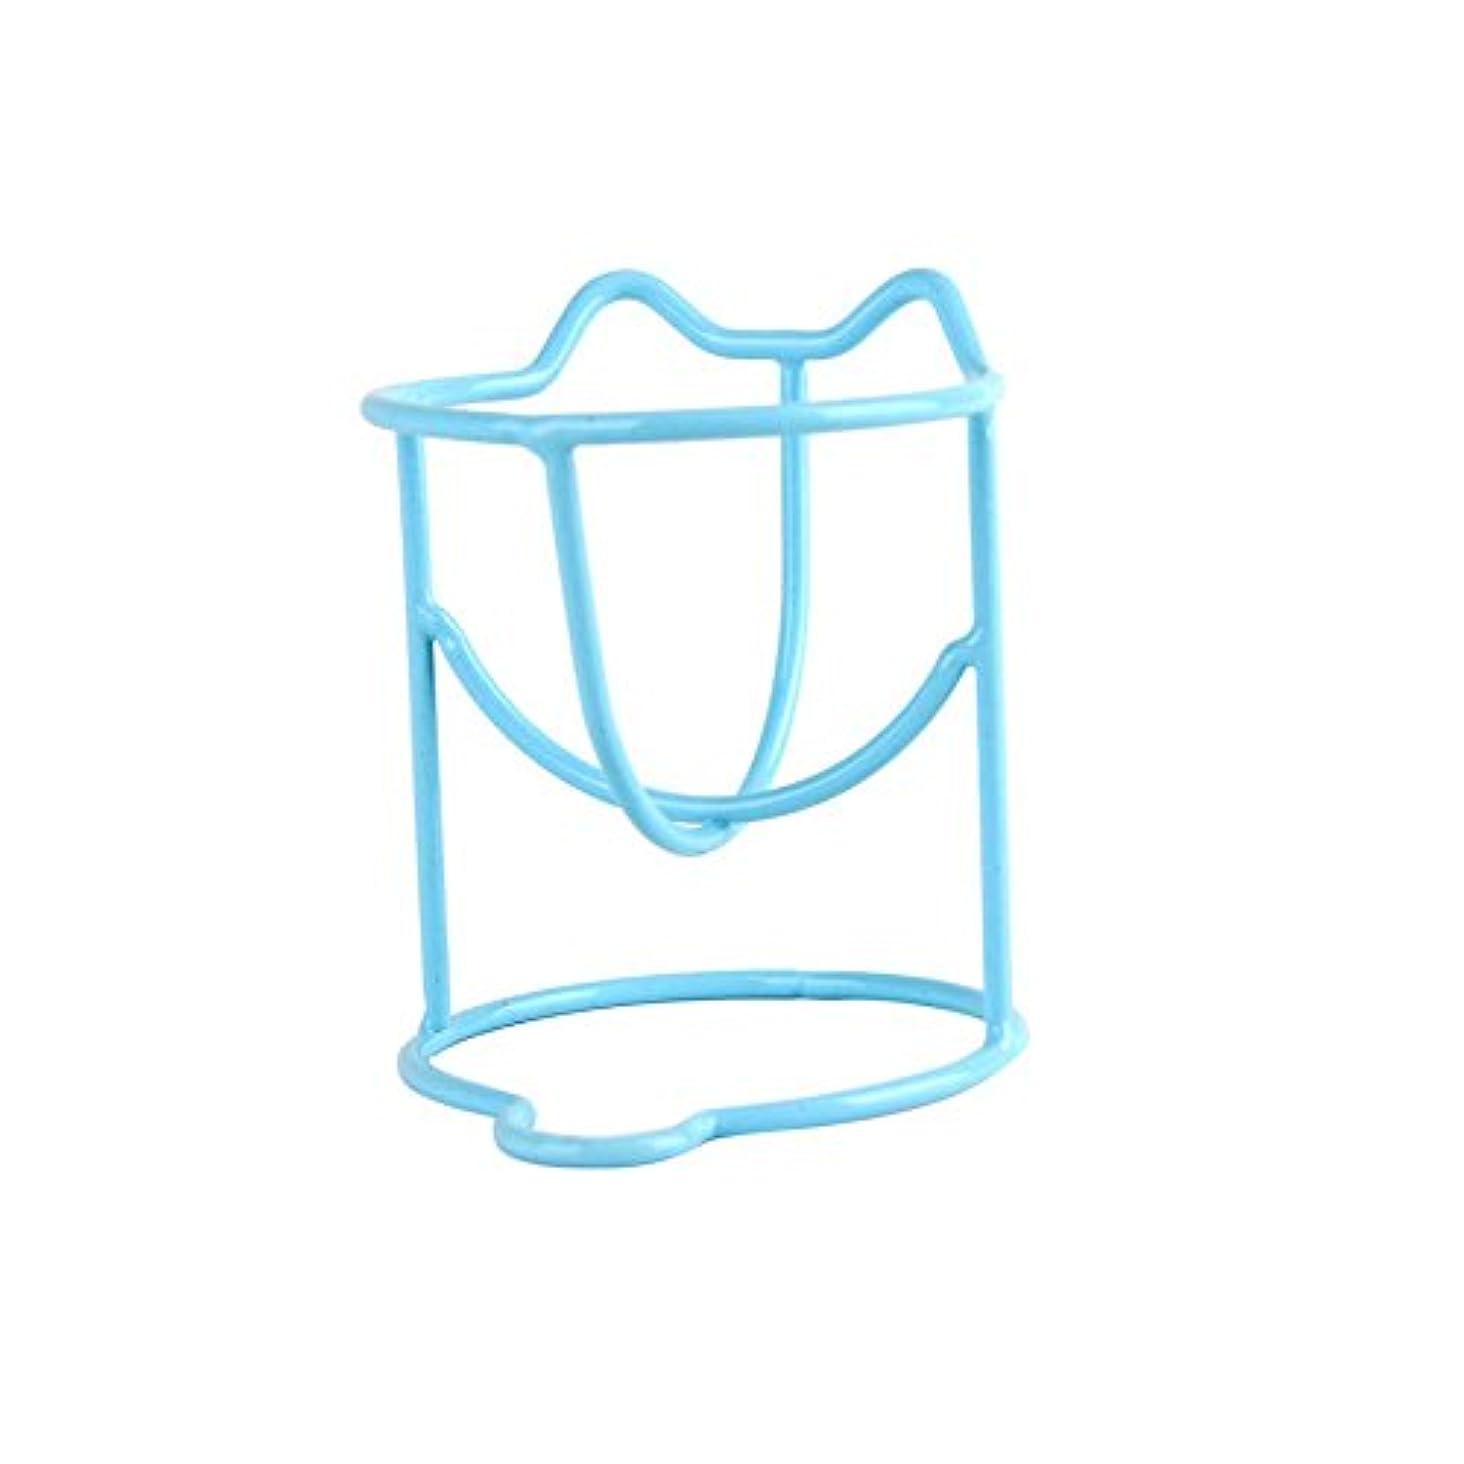 かんたんウッズ従う2つの乾燥ホルダーラックファッションメイク卵パウダーパフスポンジディスプレイスタンドのセット